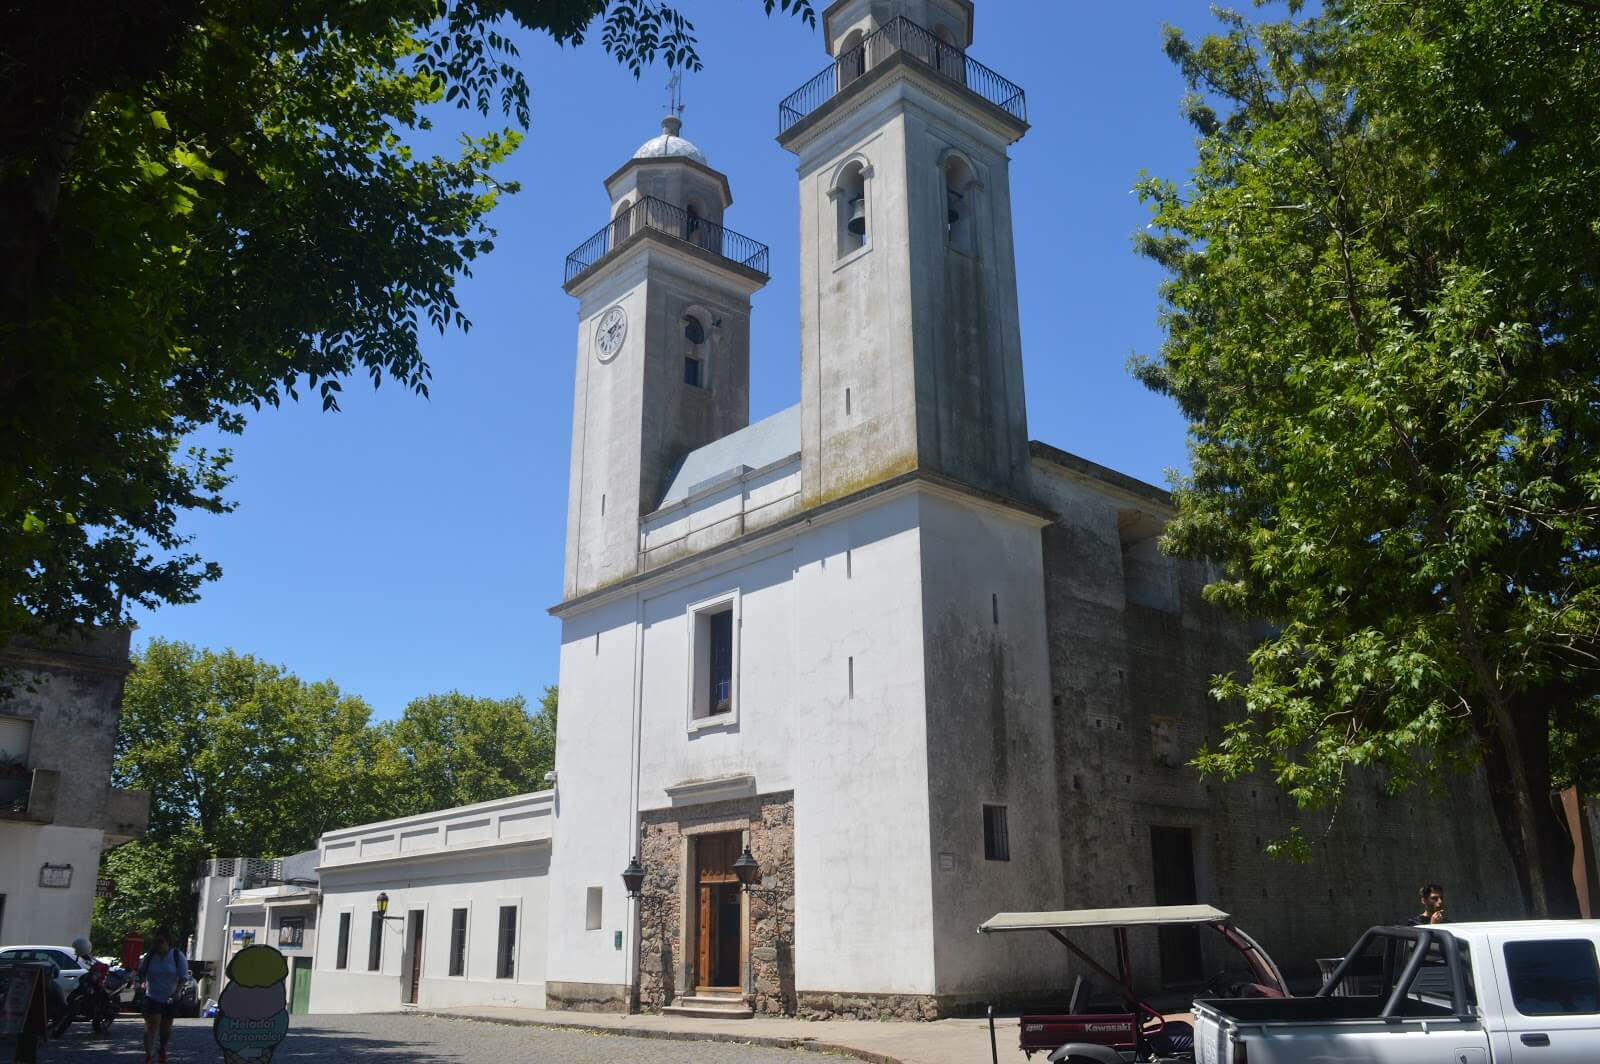 Colonia del Sacramento no Uruguai: igreja